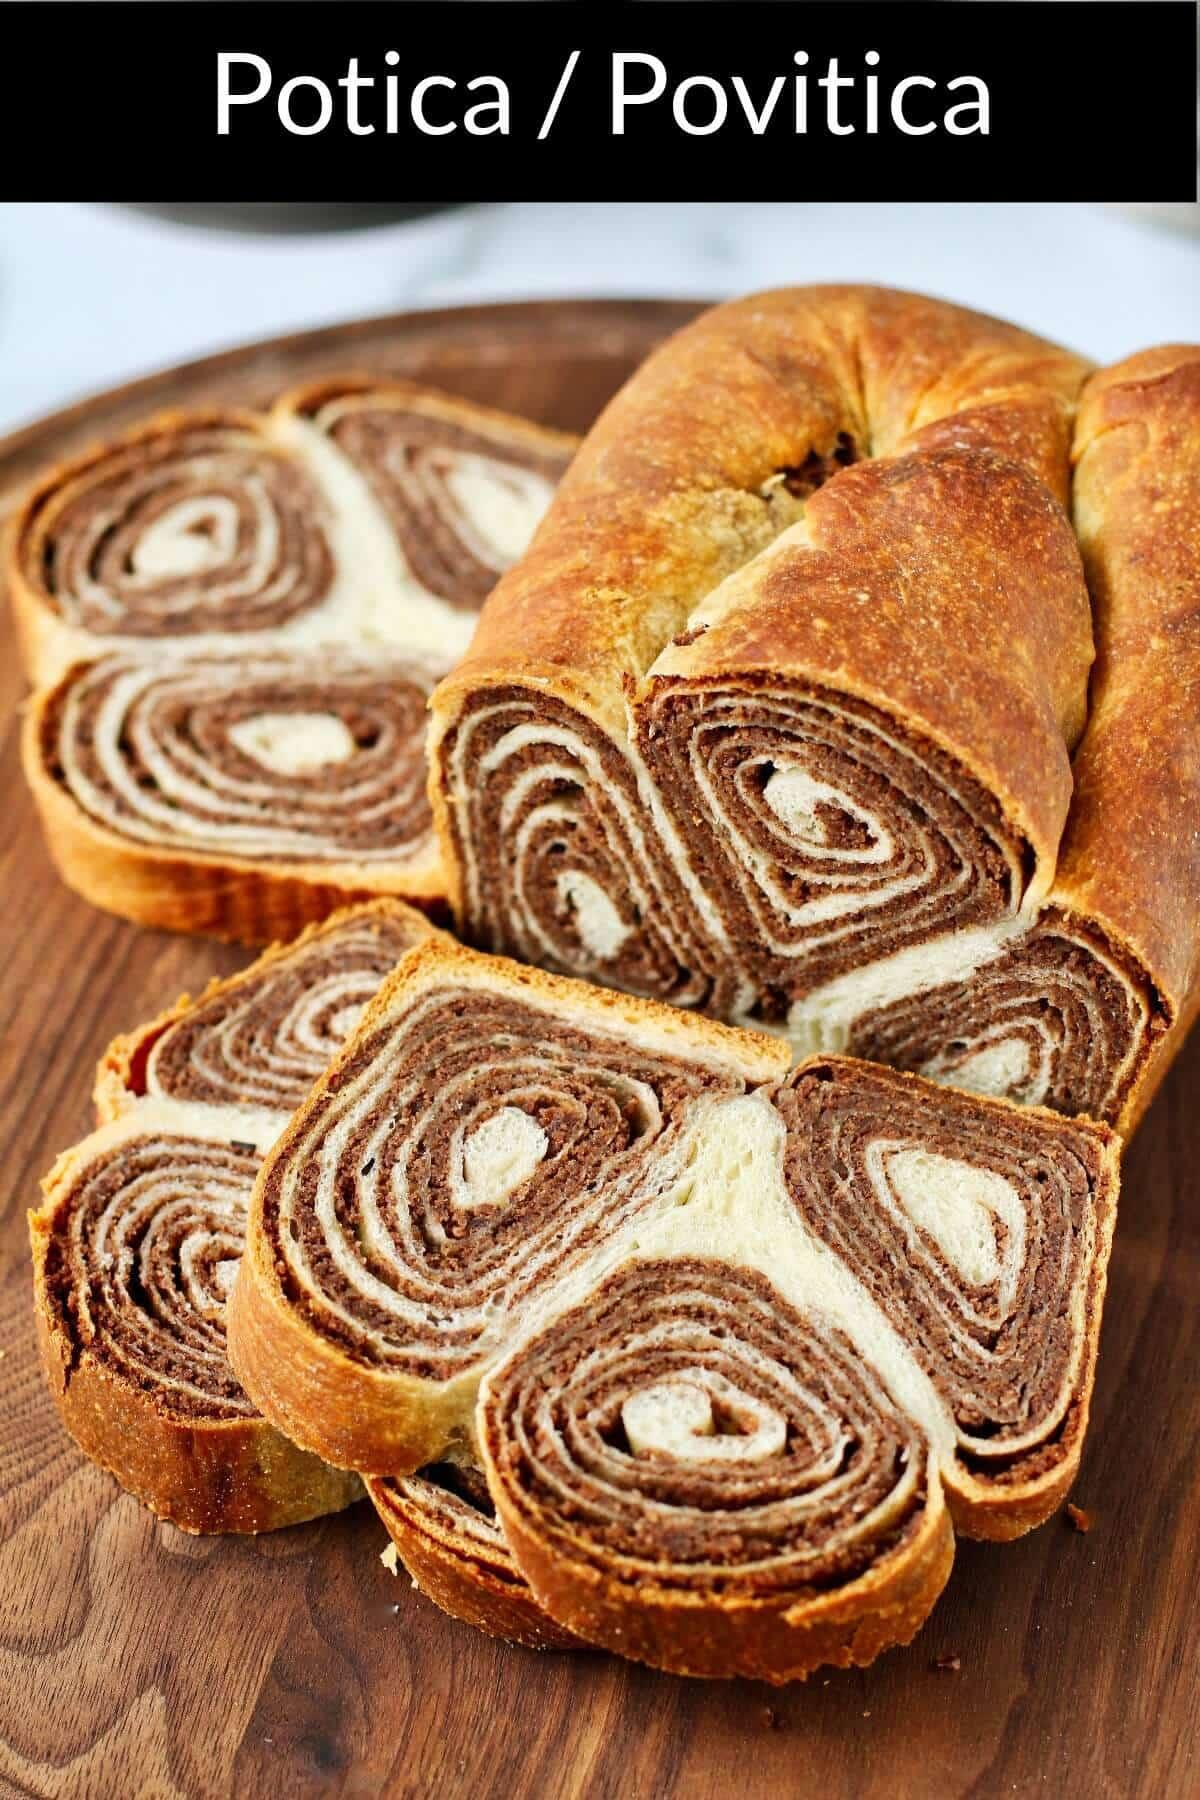 Potica slices on a bread board